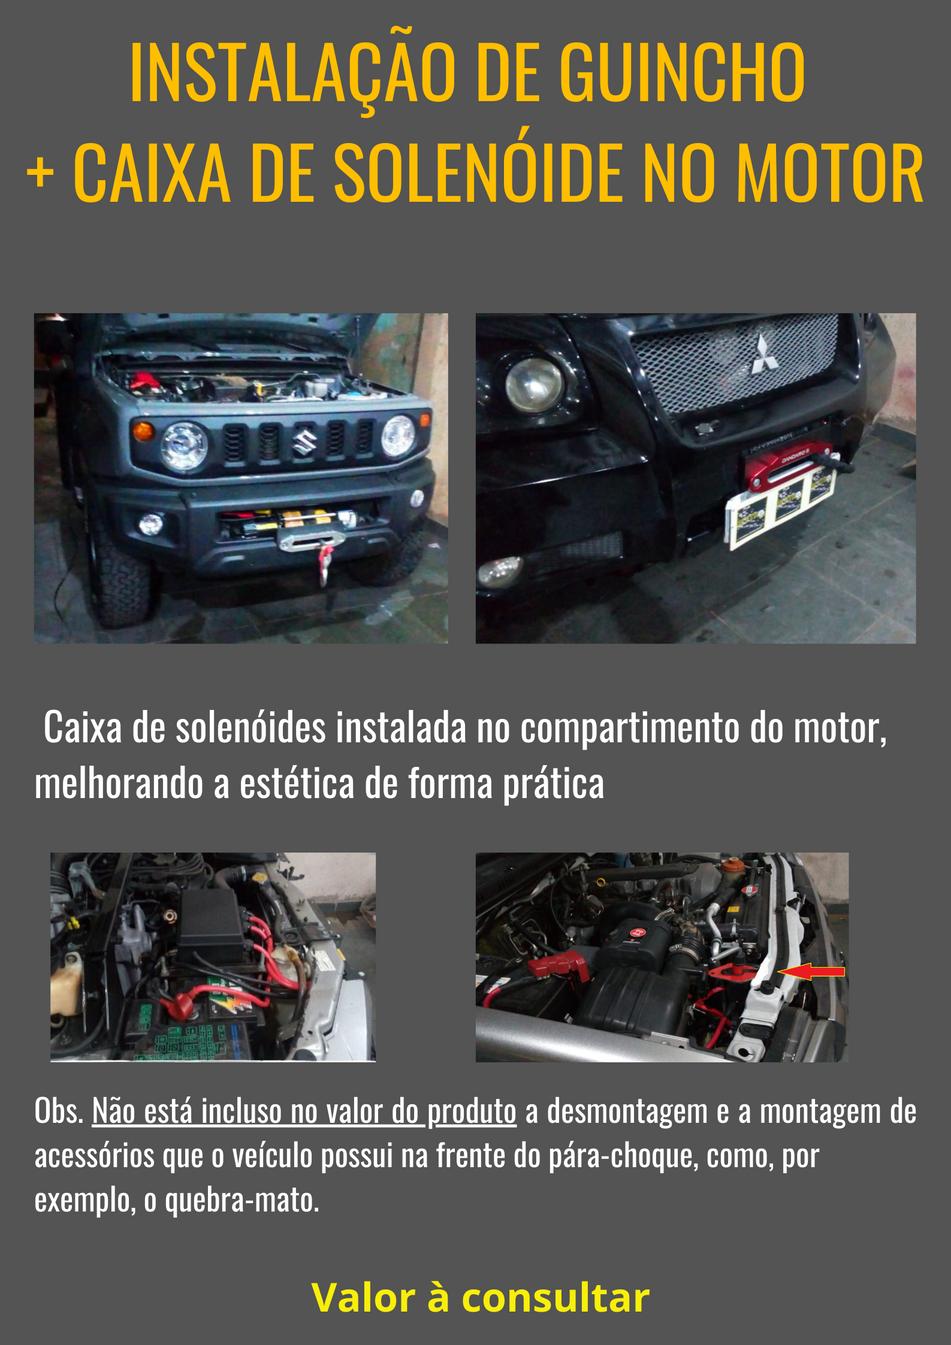 Instalação de Guincho + Caixa de solenóide no compartimento do motor